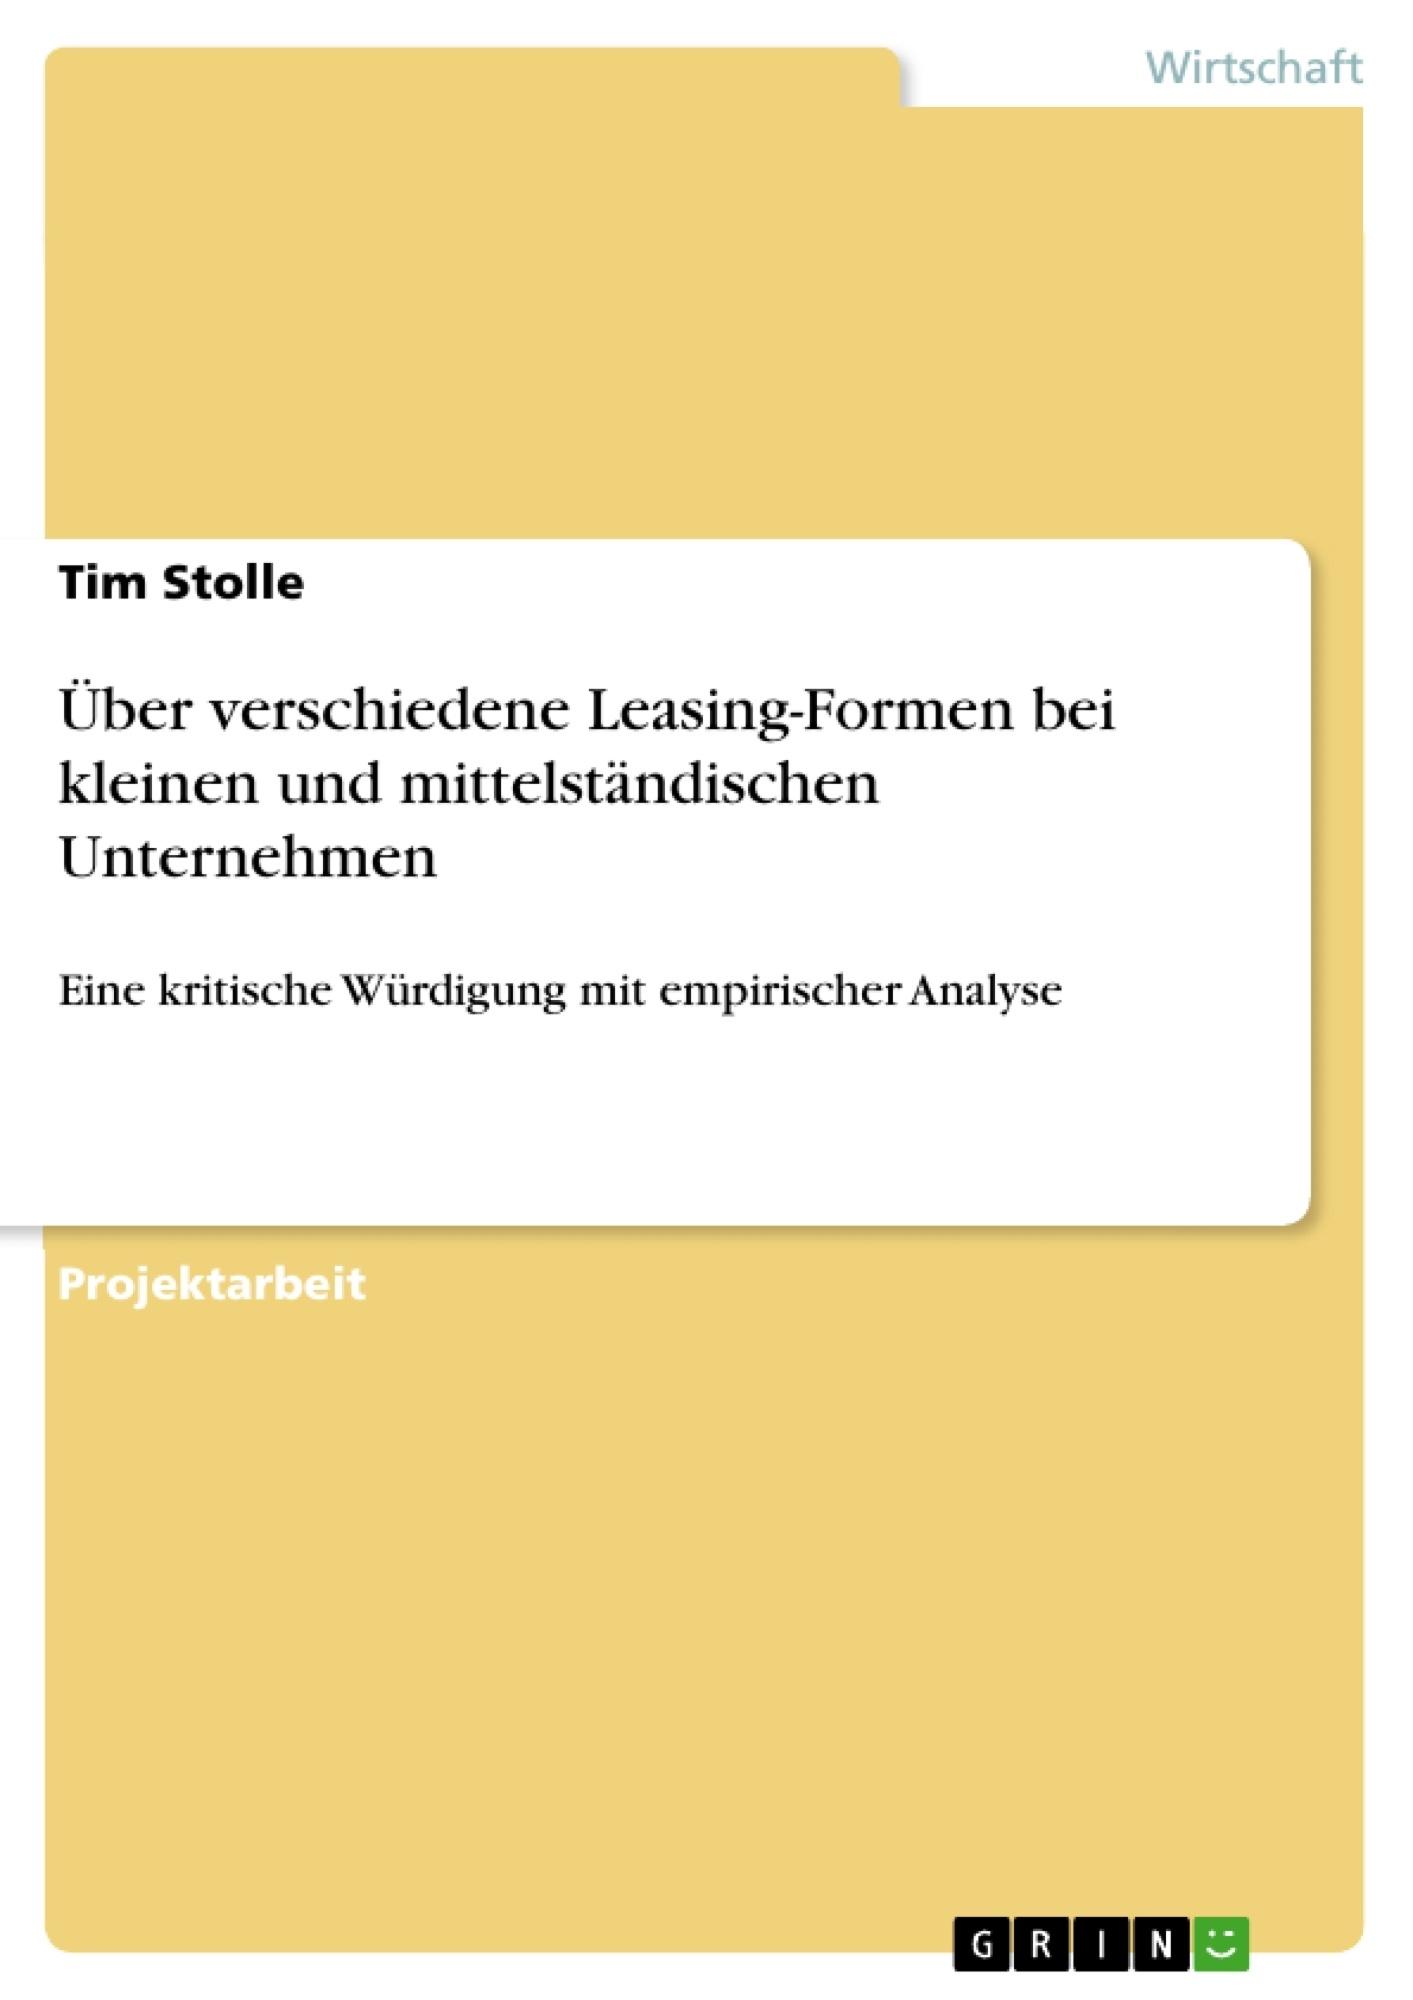 Titel: Über verschiedene Leasing-Formen bei kleinen und mittelständischen Unternehmen